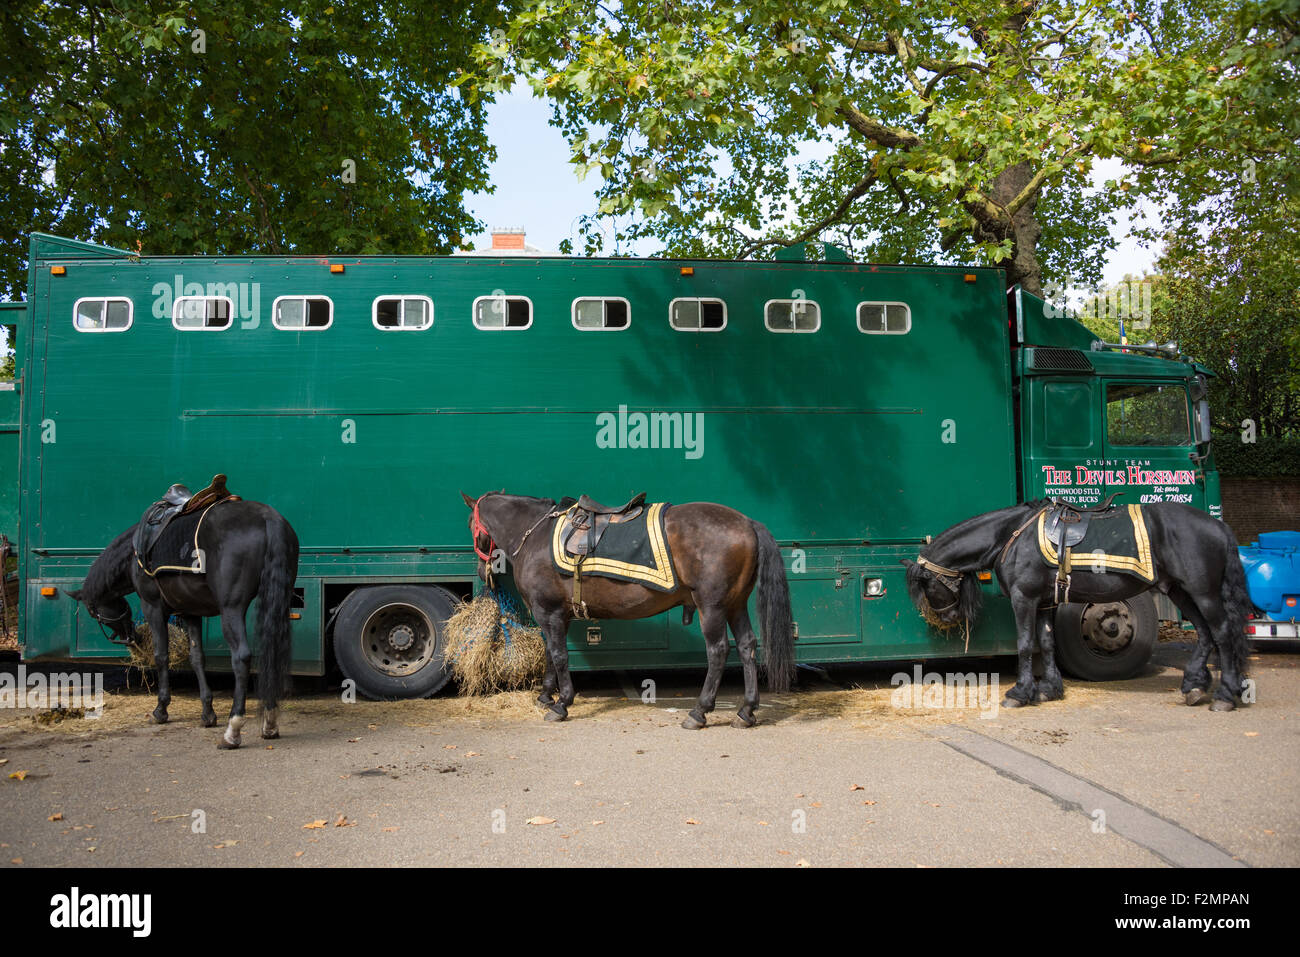 The Devils Horsemen Stunt team horses in The City of London UK - Stock Image